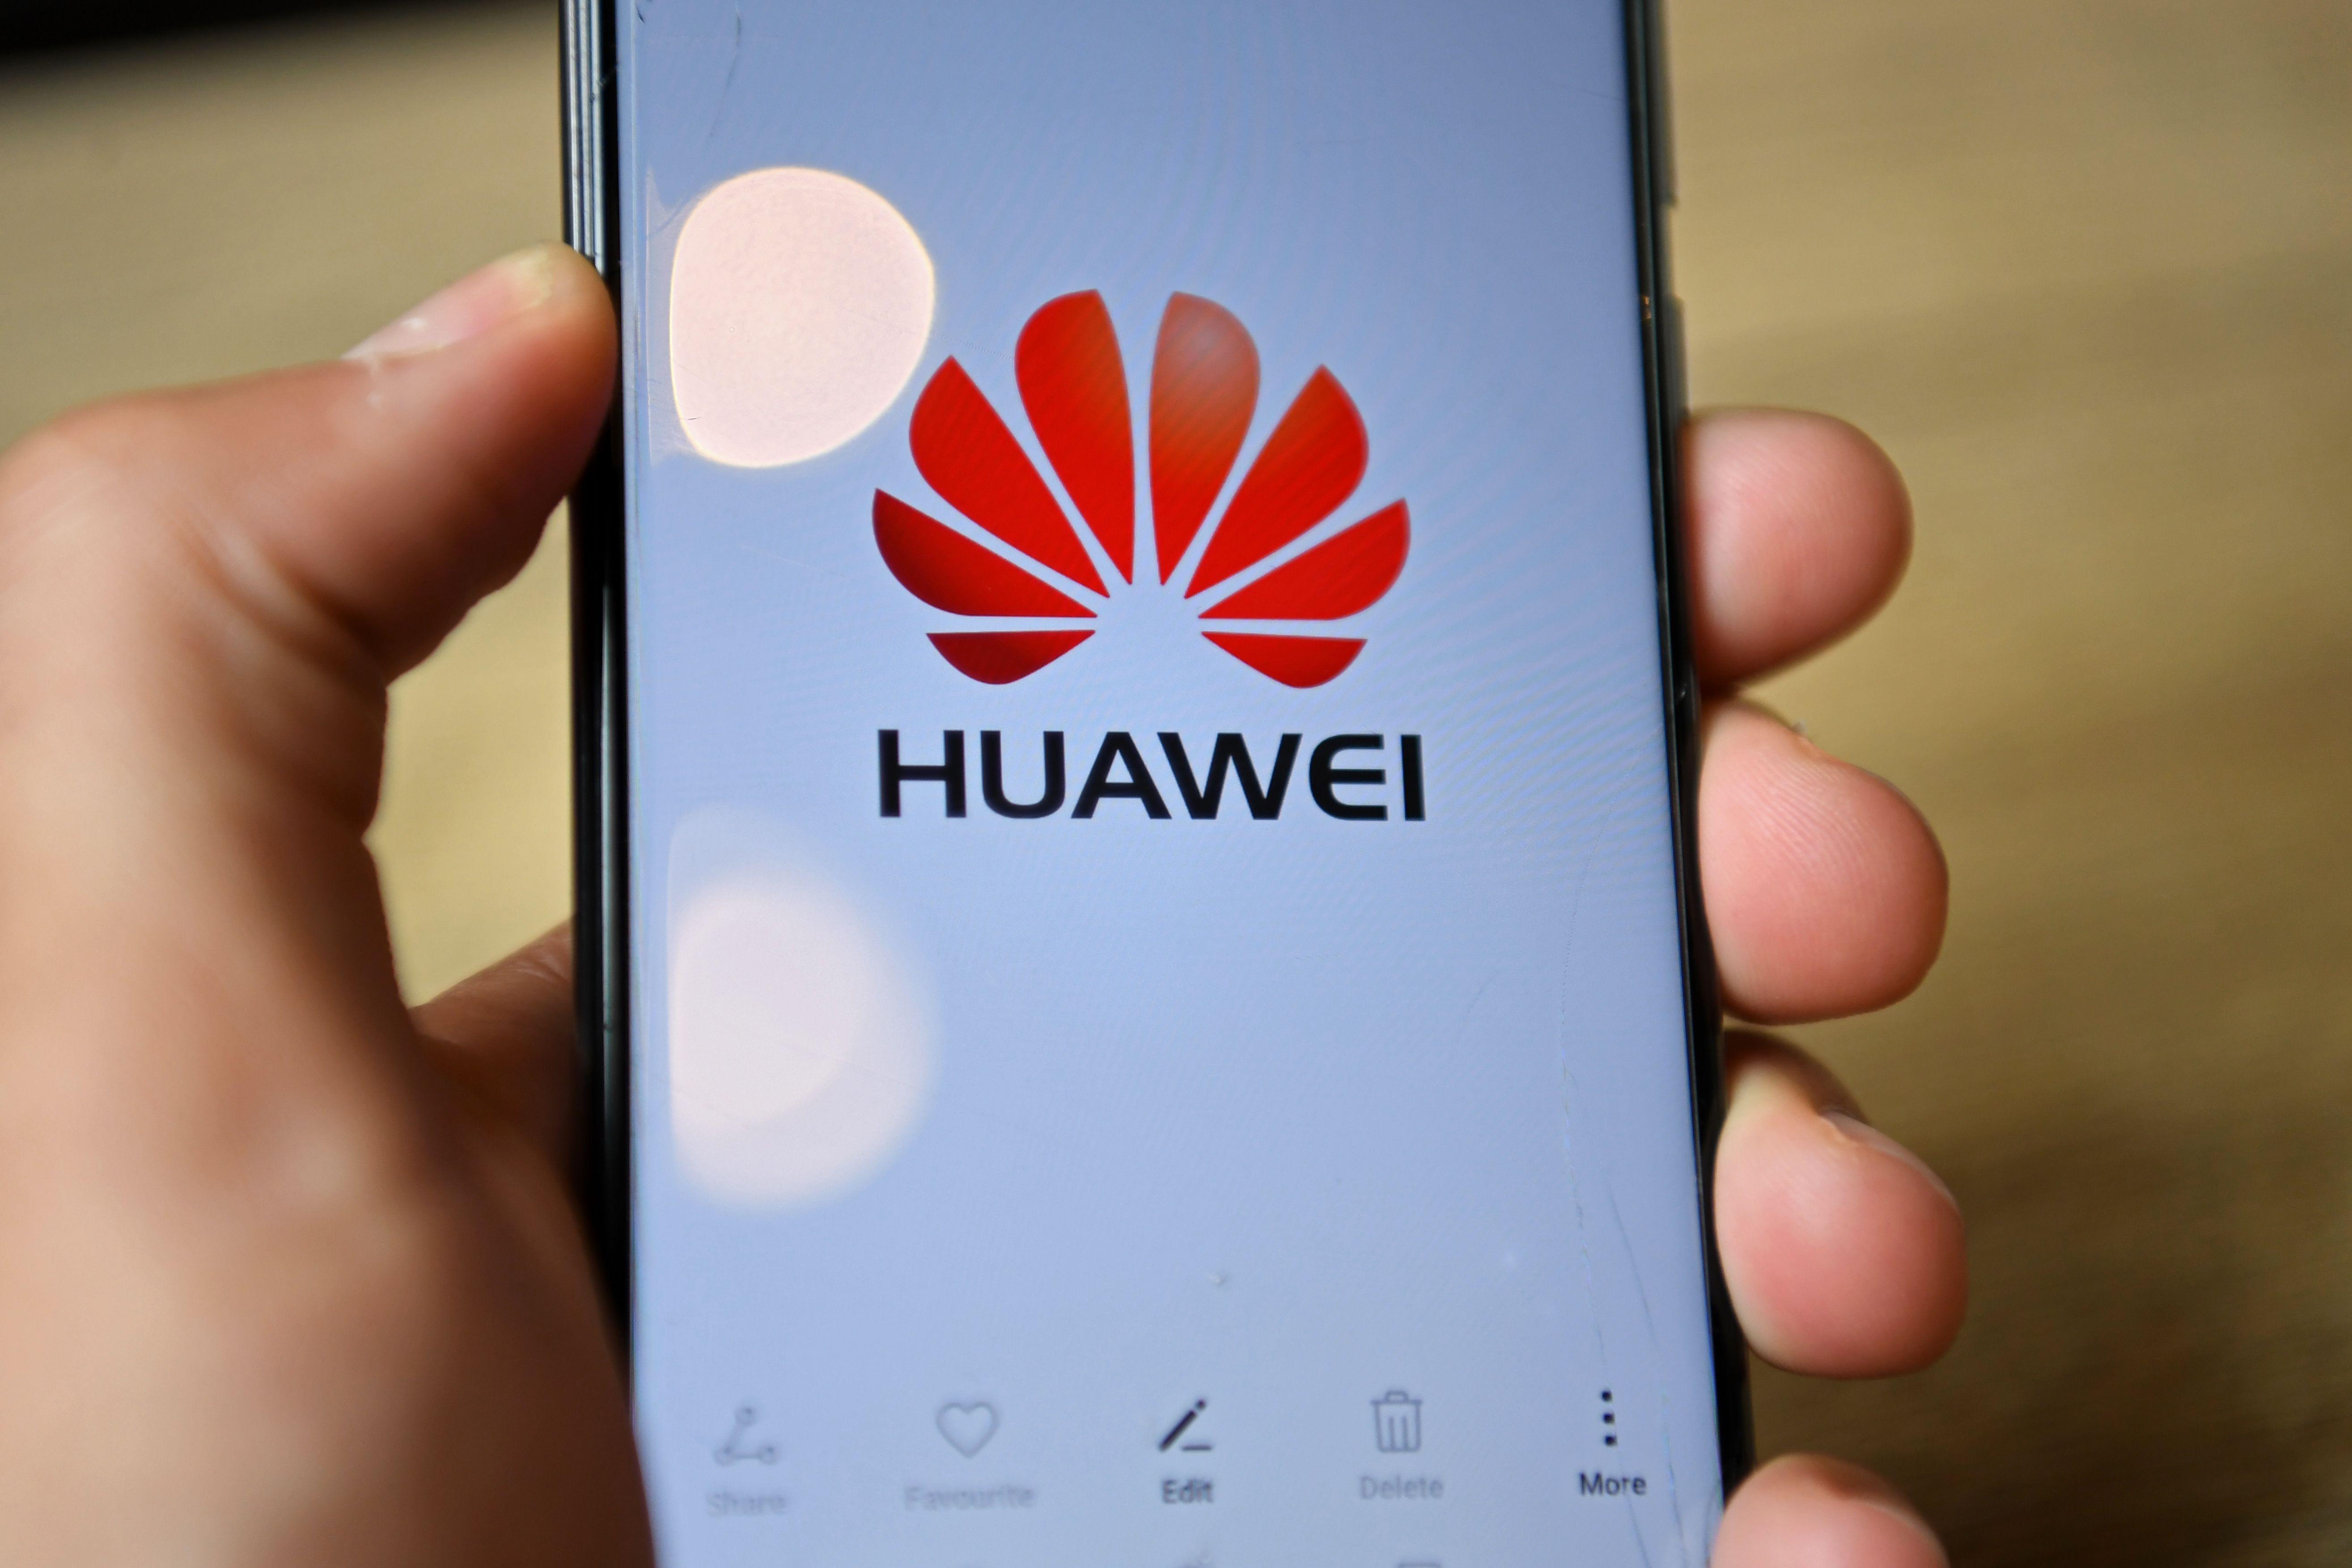 騰訊中秋免費送華為手機 員工紛紛網上出售